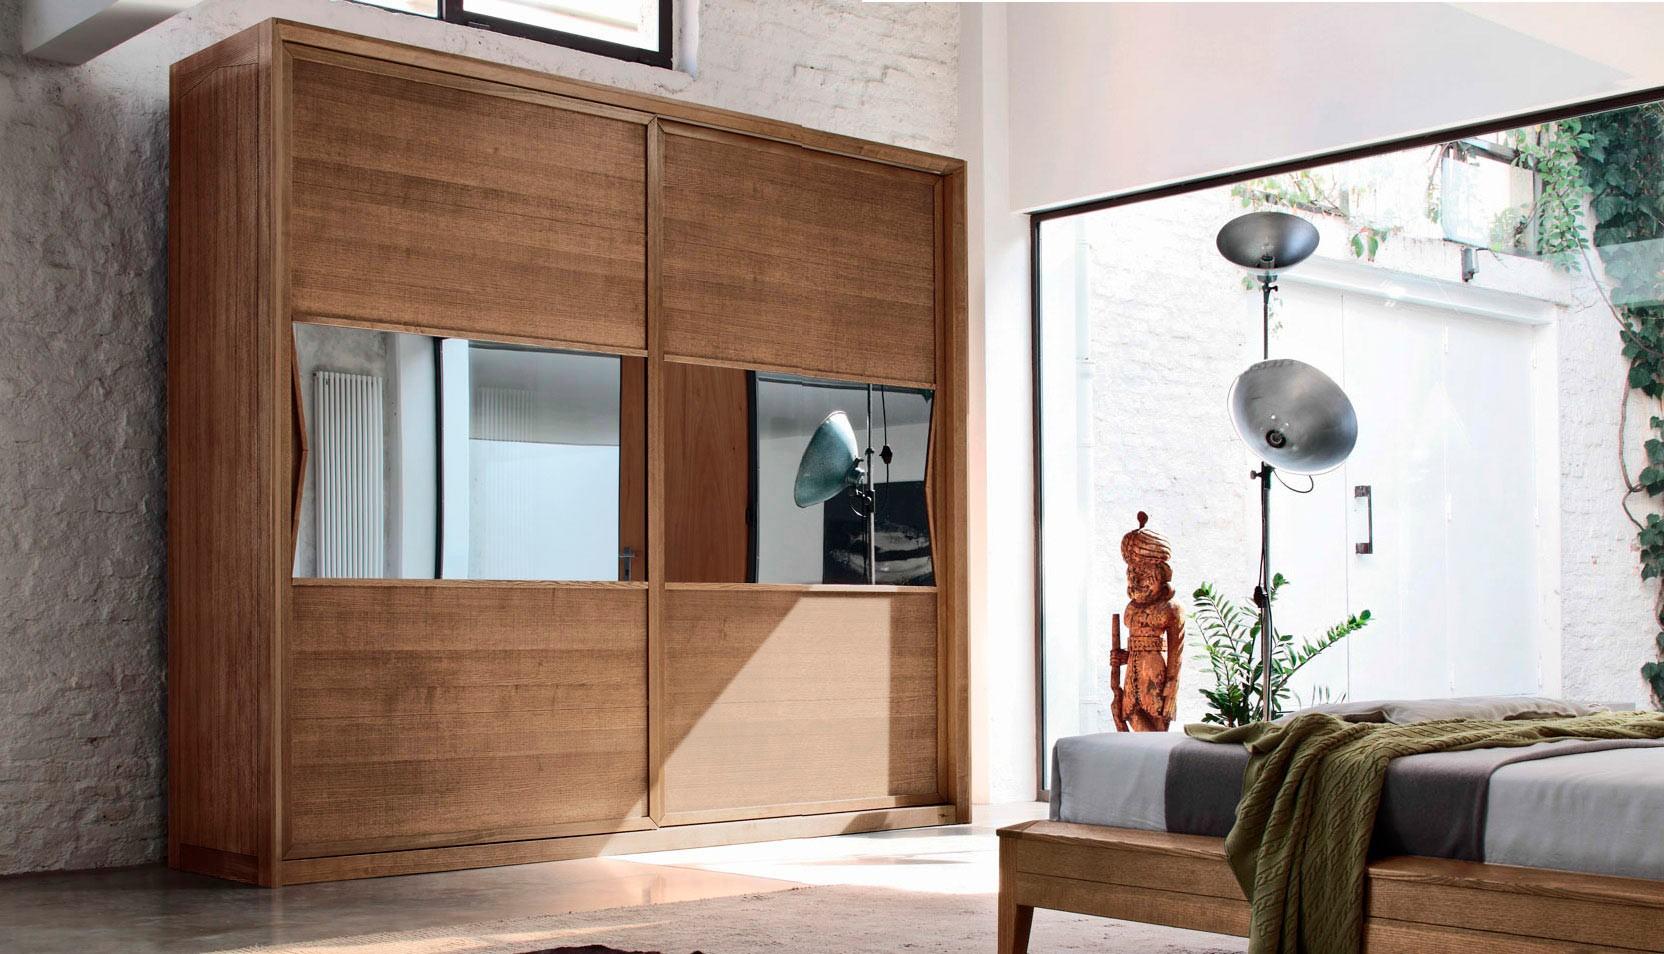 armario-2-puertas-correderas-espejos-infinity-ambar-muebles.jpg